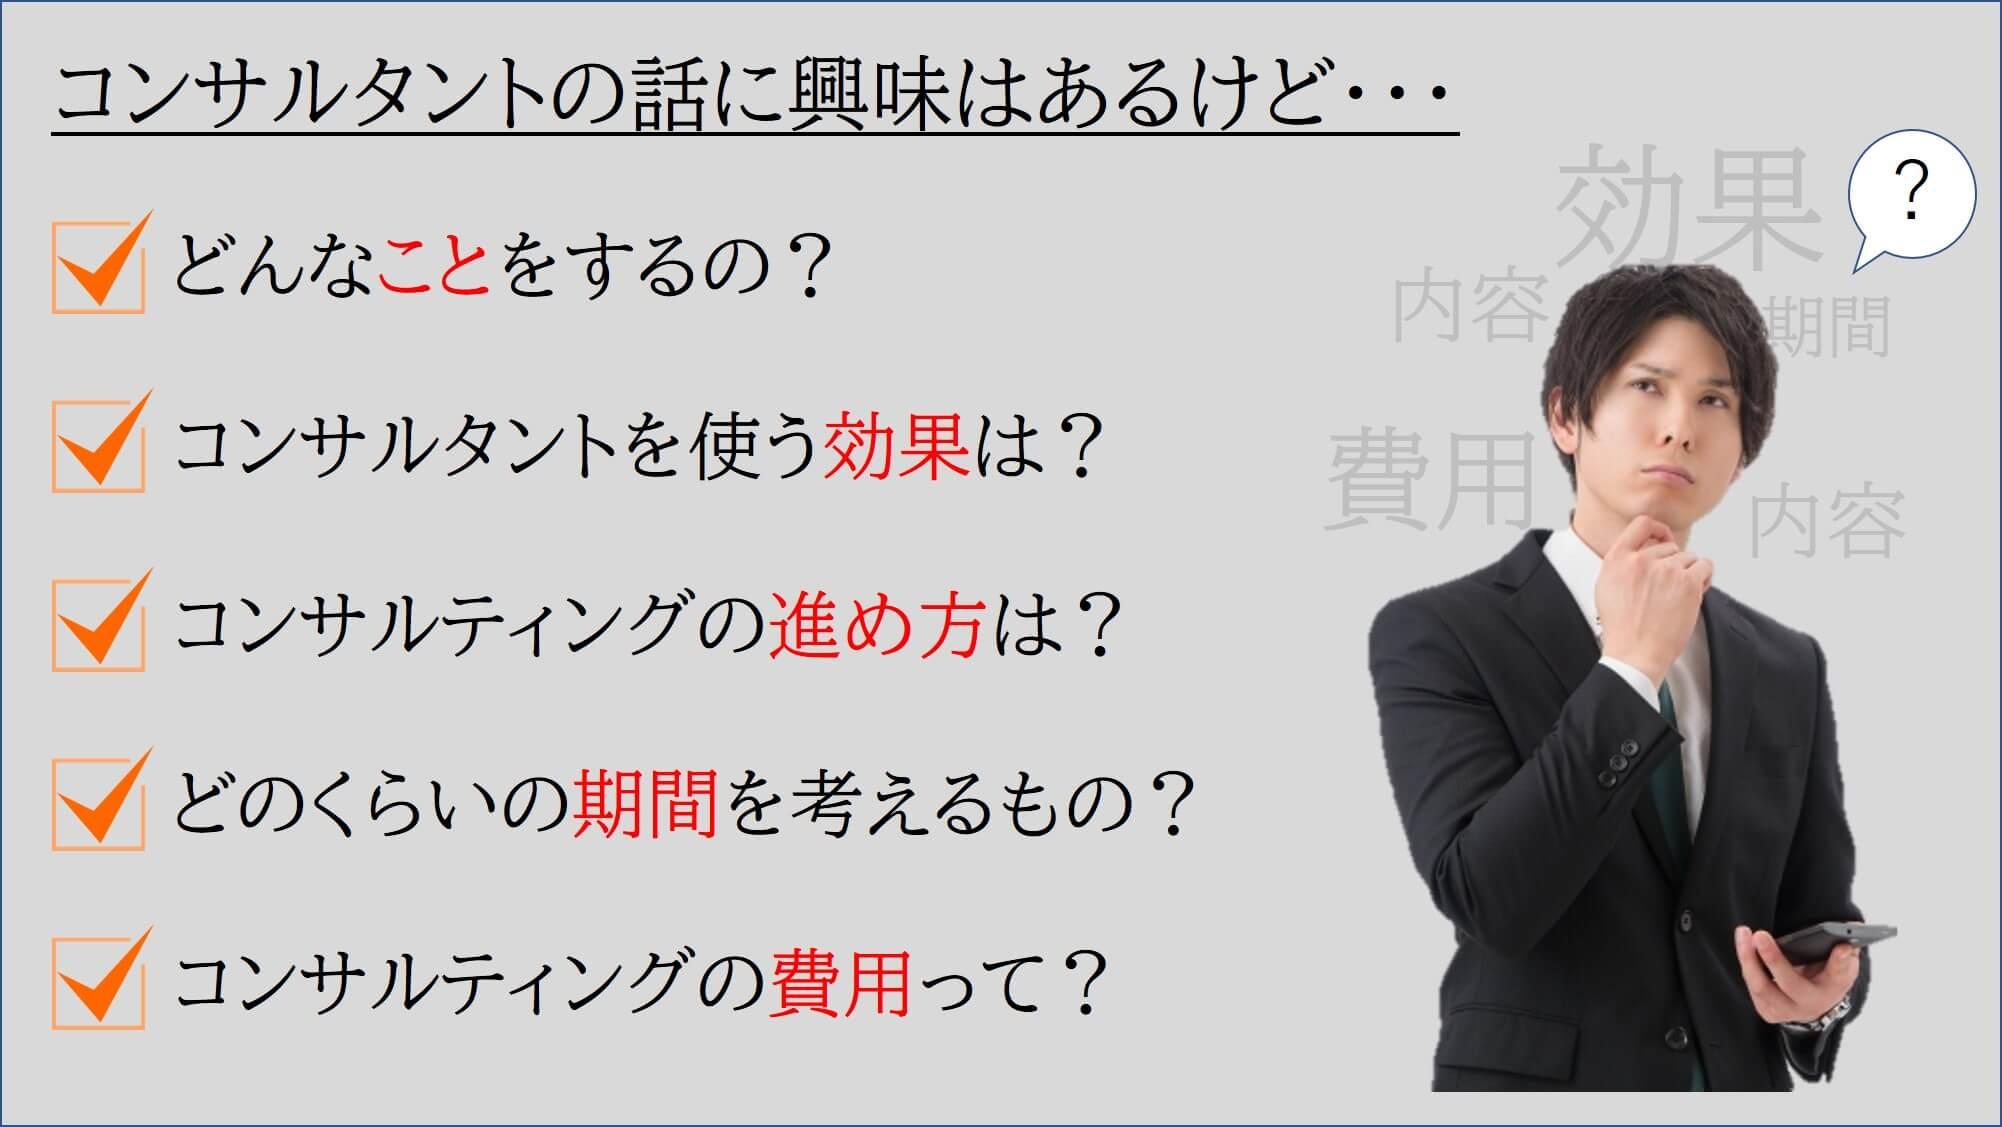 アミューズメントビジネスコンサルティングへの質問